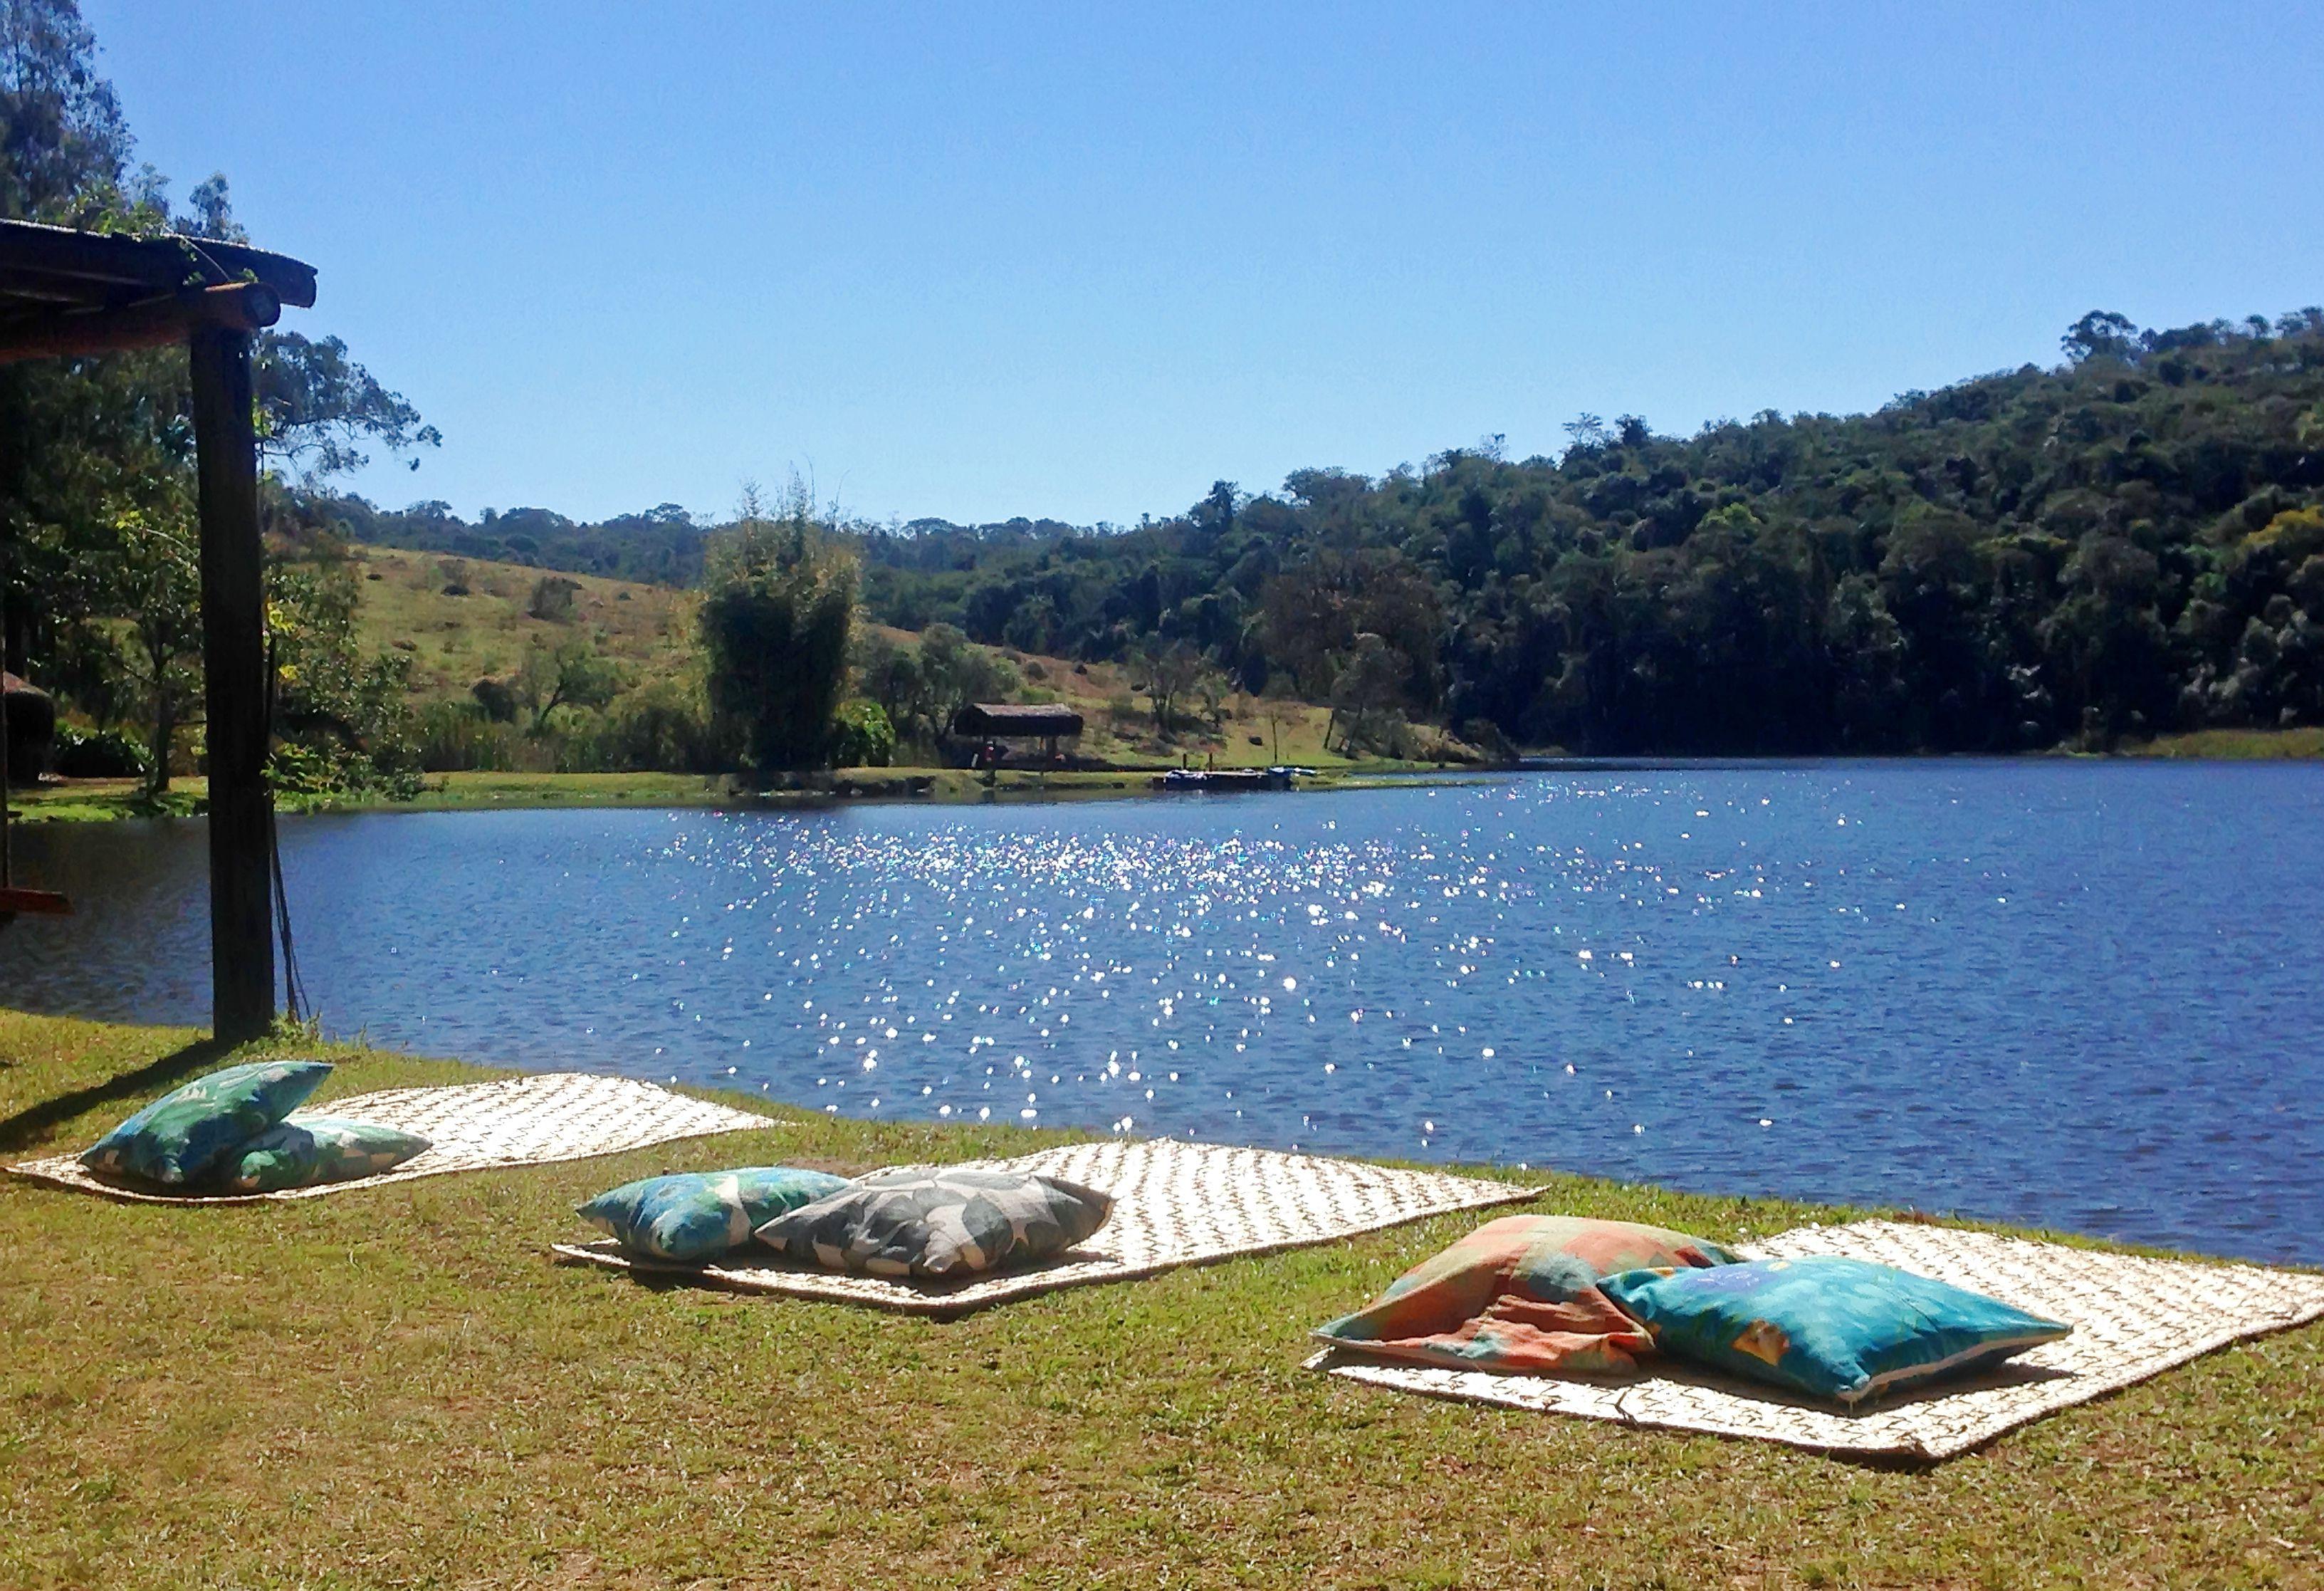 Landscape lake on a weekend